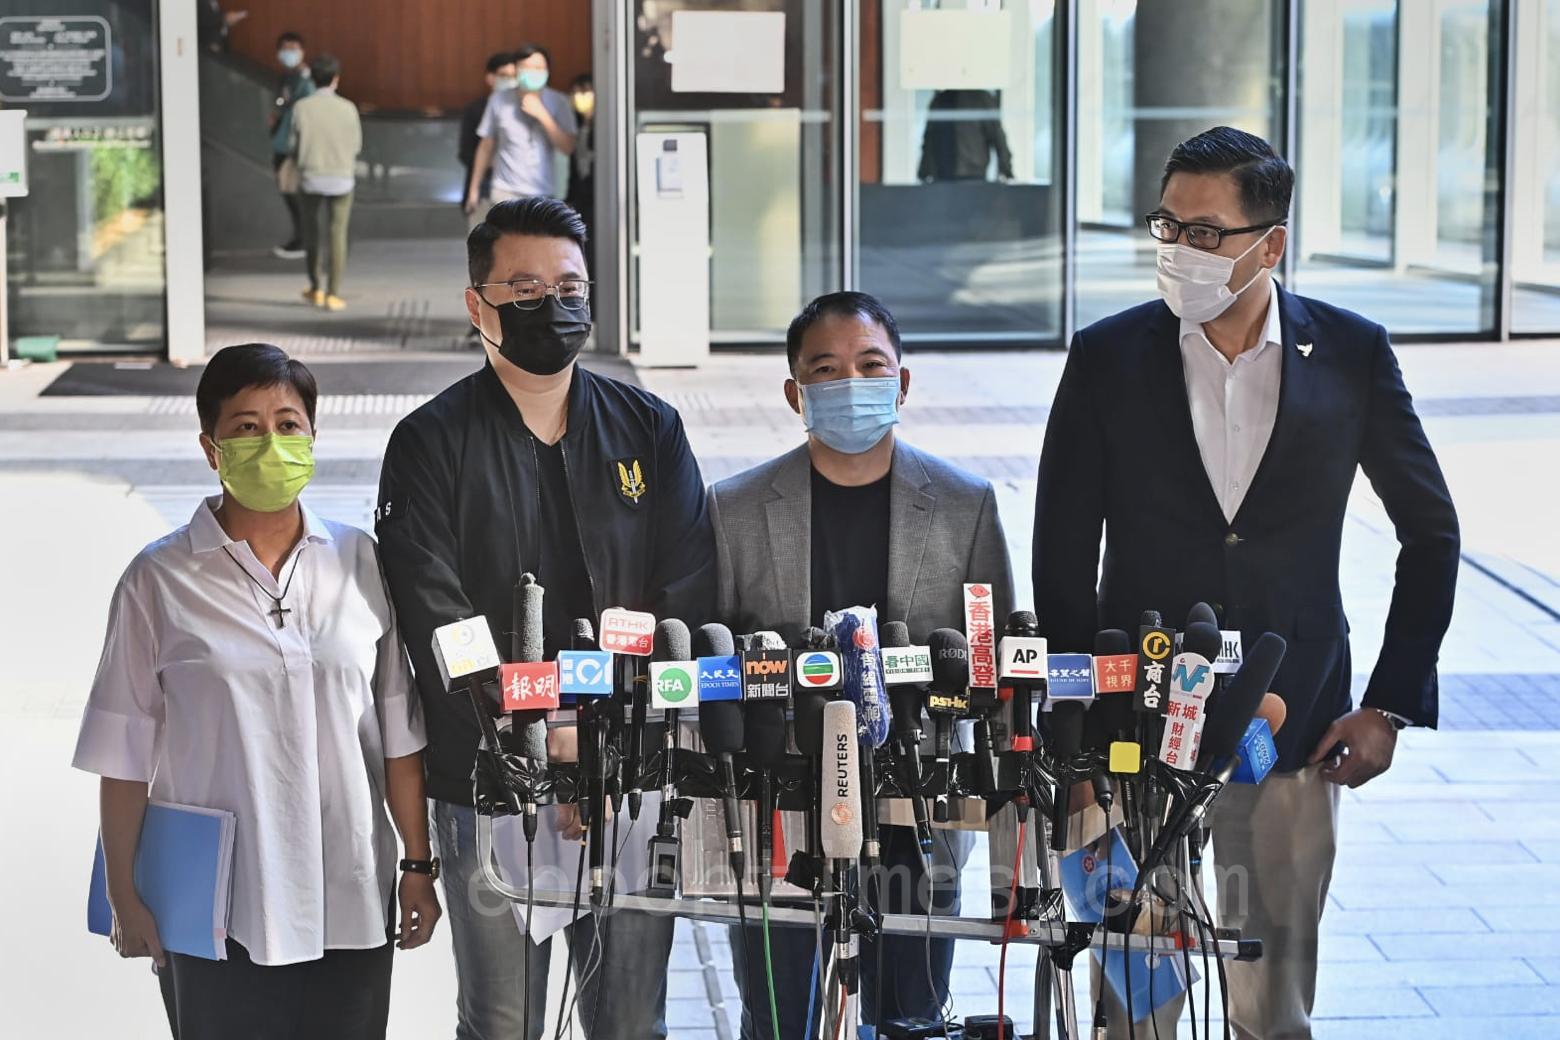 民主黨四名代表包括胡志偉,林卓廷、黃碧雲及鄺俊宇,今天(25日)下午在立法會門外回應林鄭施政報告。(宋碧龍/大紀元)